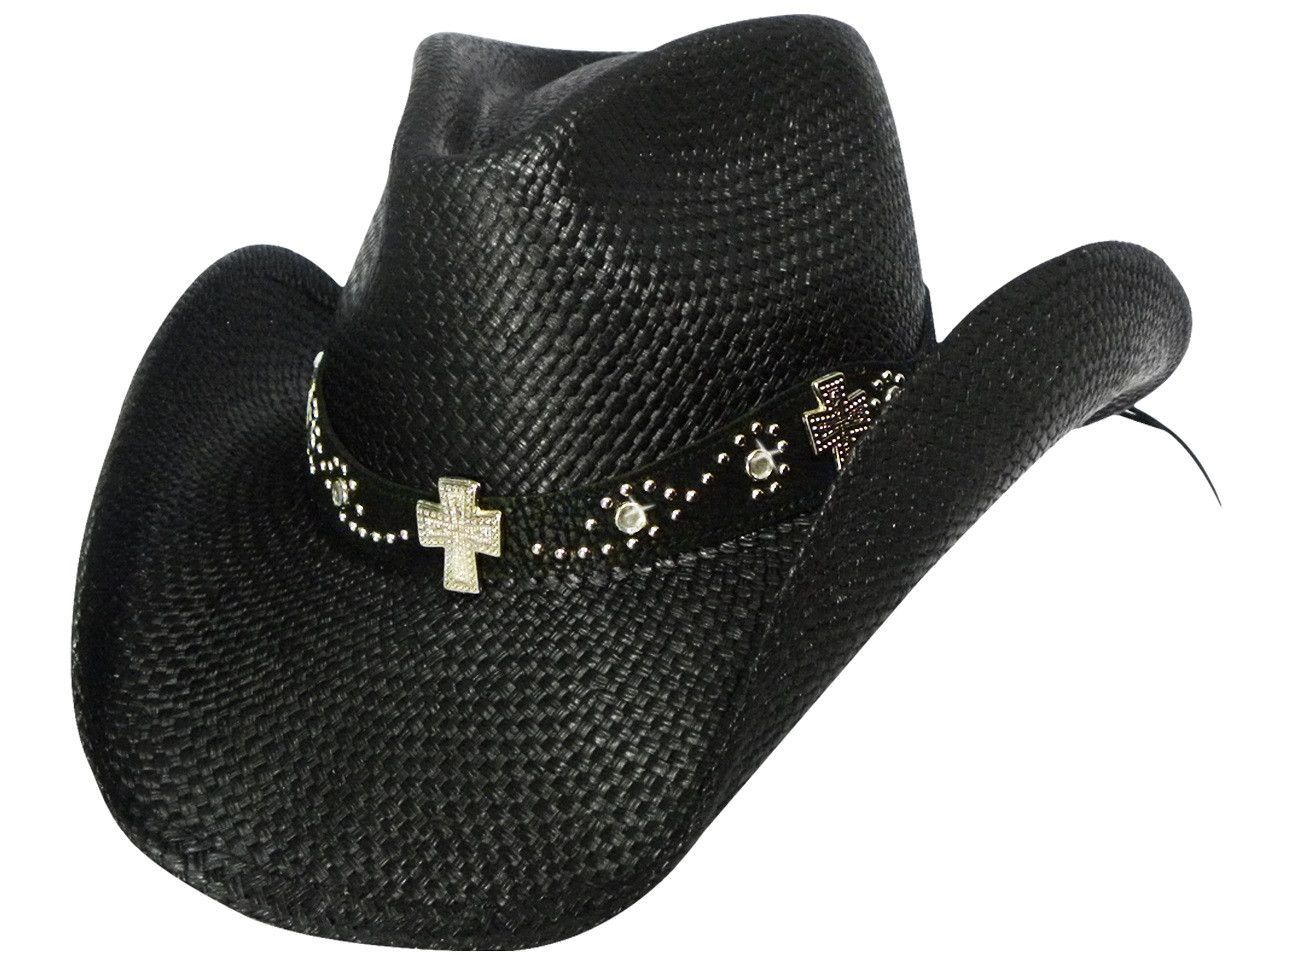 210d371b65f Bullhide Hats Rockabilly Straw Western Cowboy Hat  CLOSEOUT